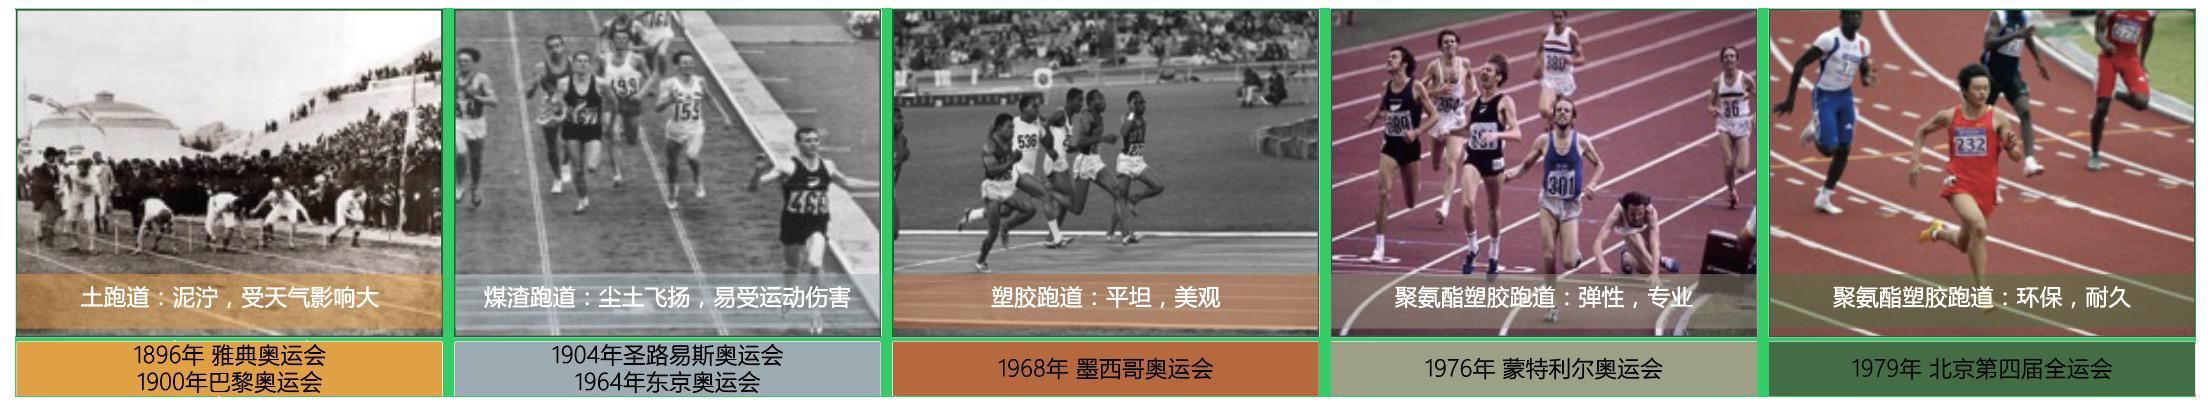 塑膠跑道發展歷史